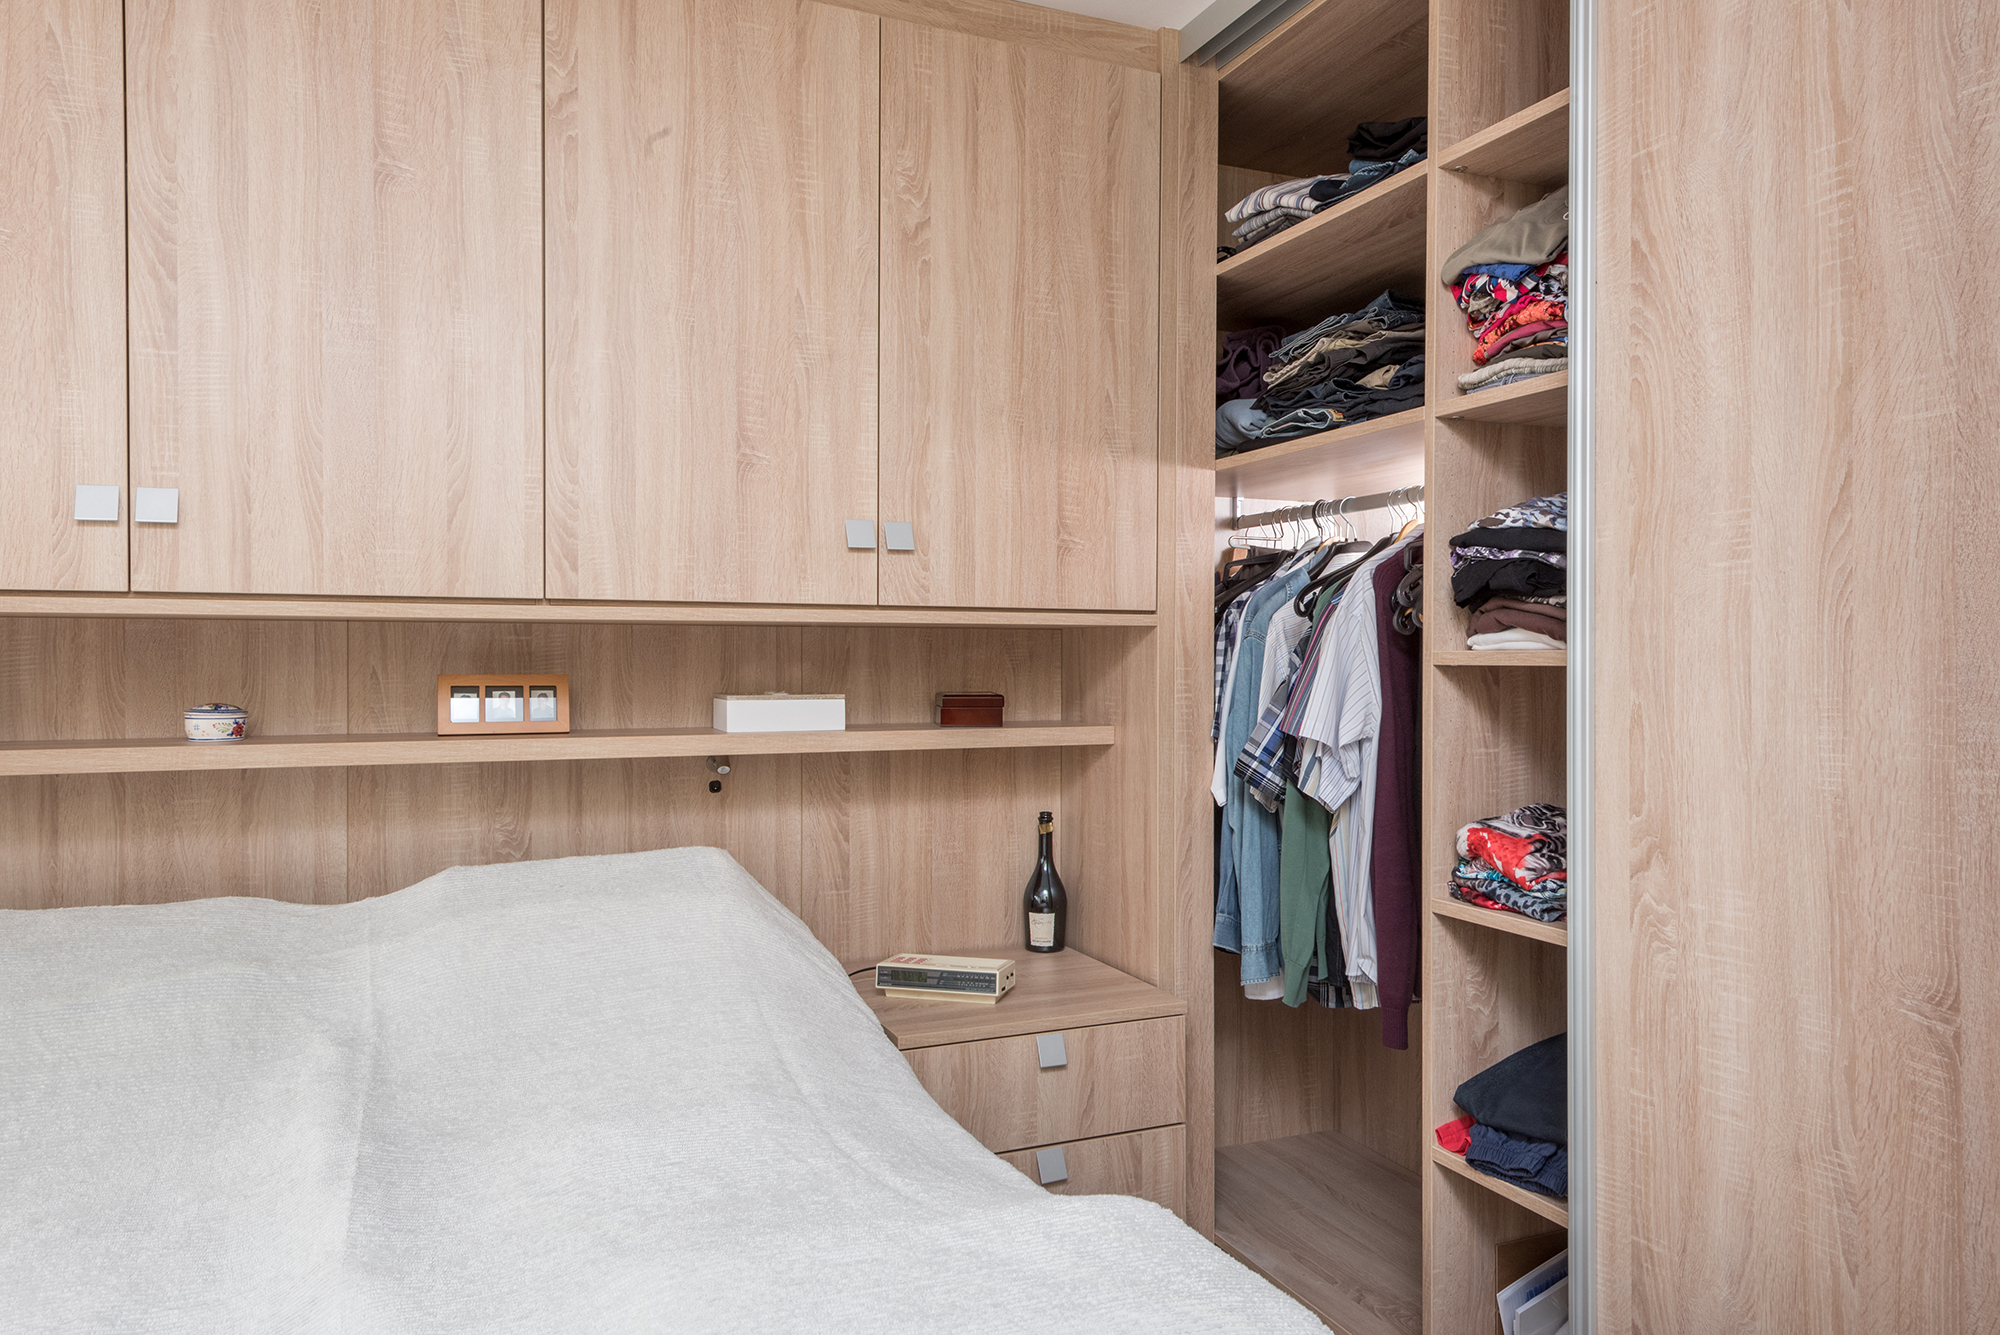 Slaapkamer met brug realisaties maatwerk deba meubelen